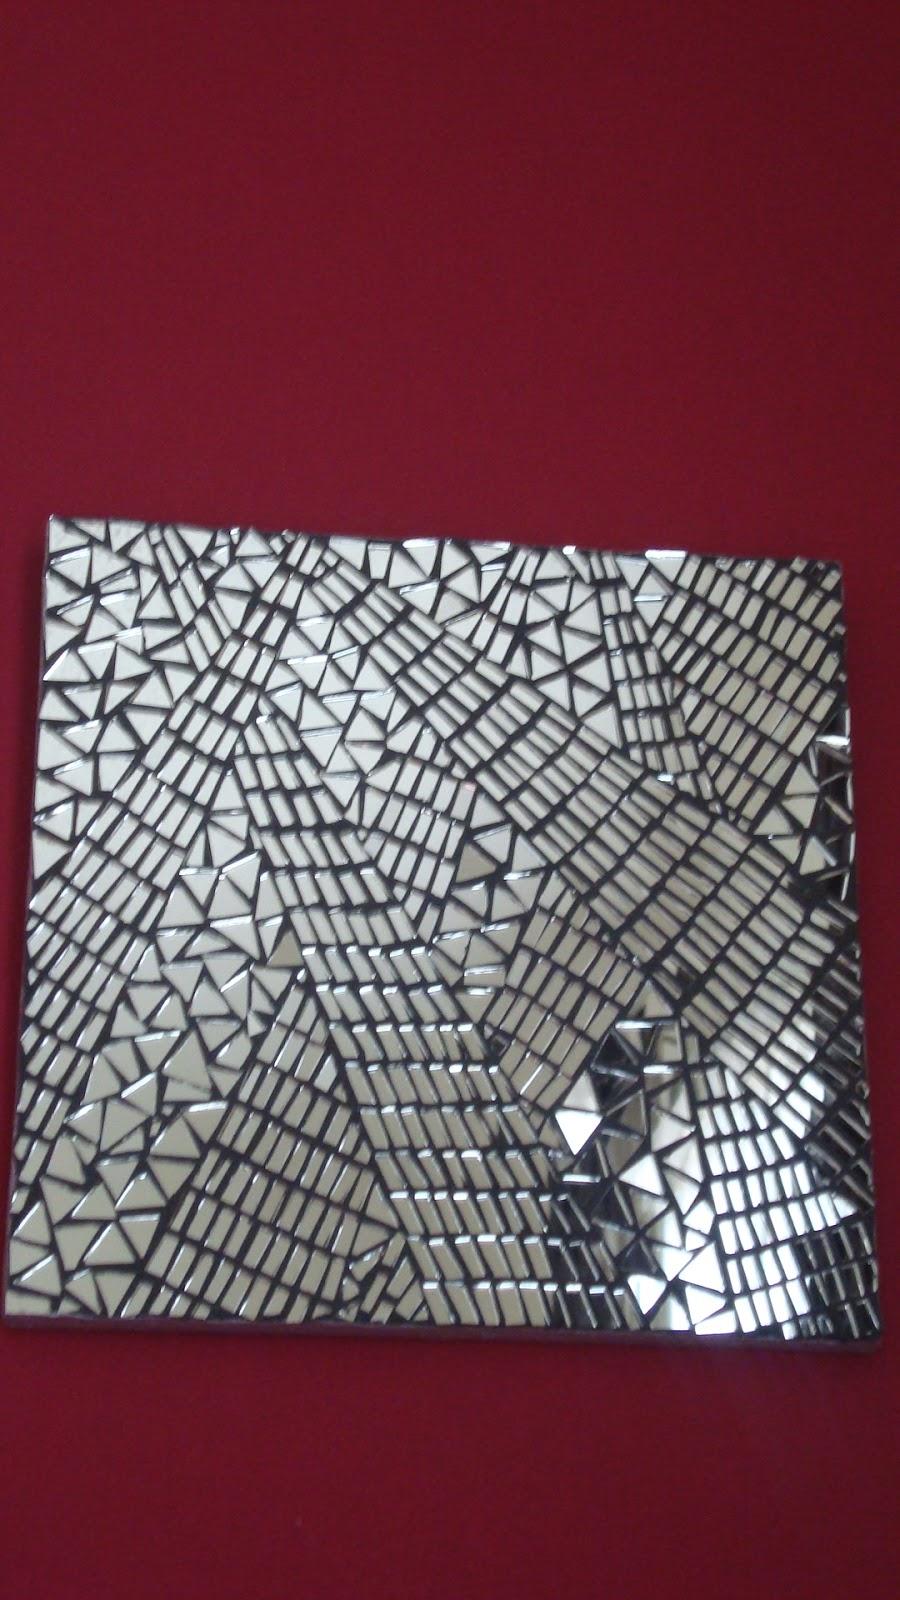 Passion mosaique miroir design mosaique for Miroir mosaique design